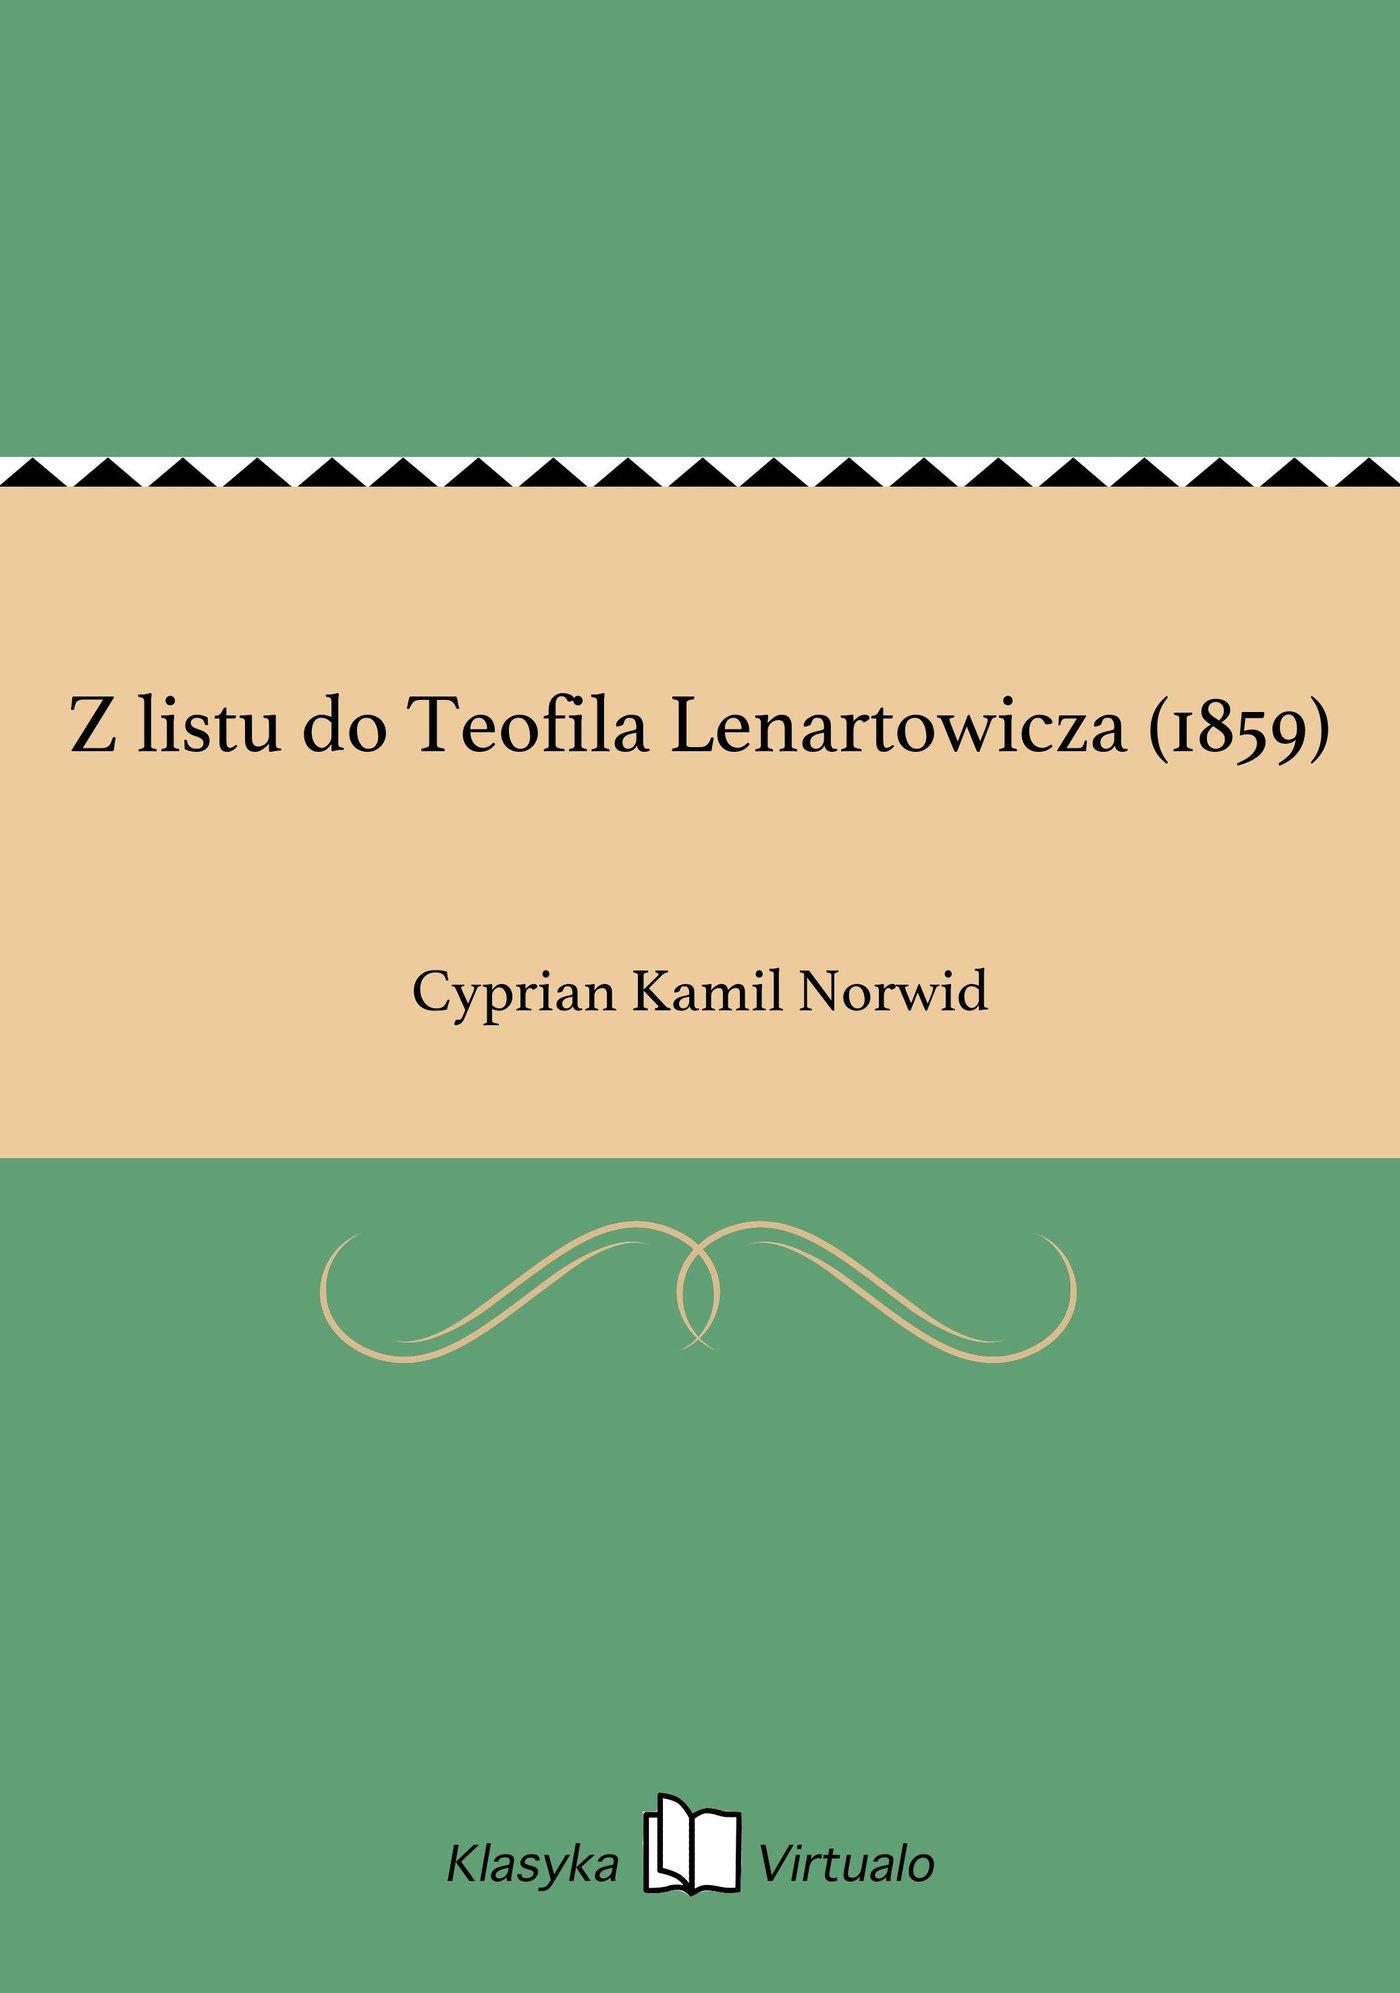 Z listu do Teofila Lenartowicza (1859) - Ebook (Książka EPUB) do pobrania w formacie EPUB